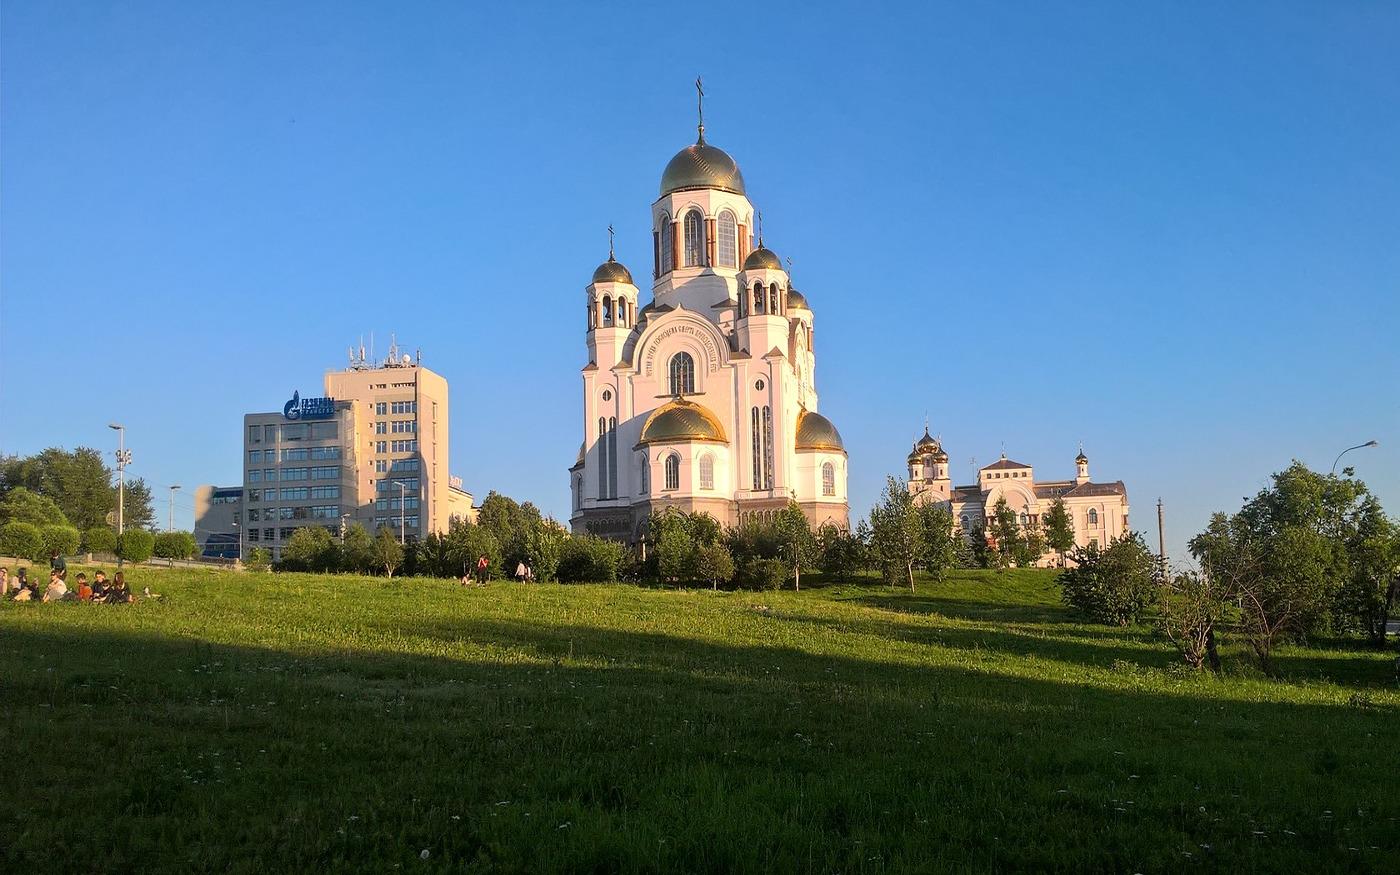 Die berühmte Kathedrale auf dem Blut in Jekaterinburg